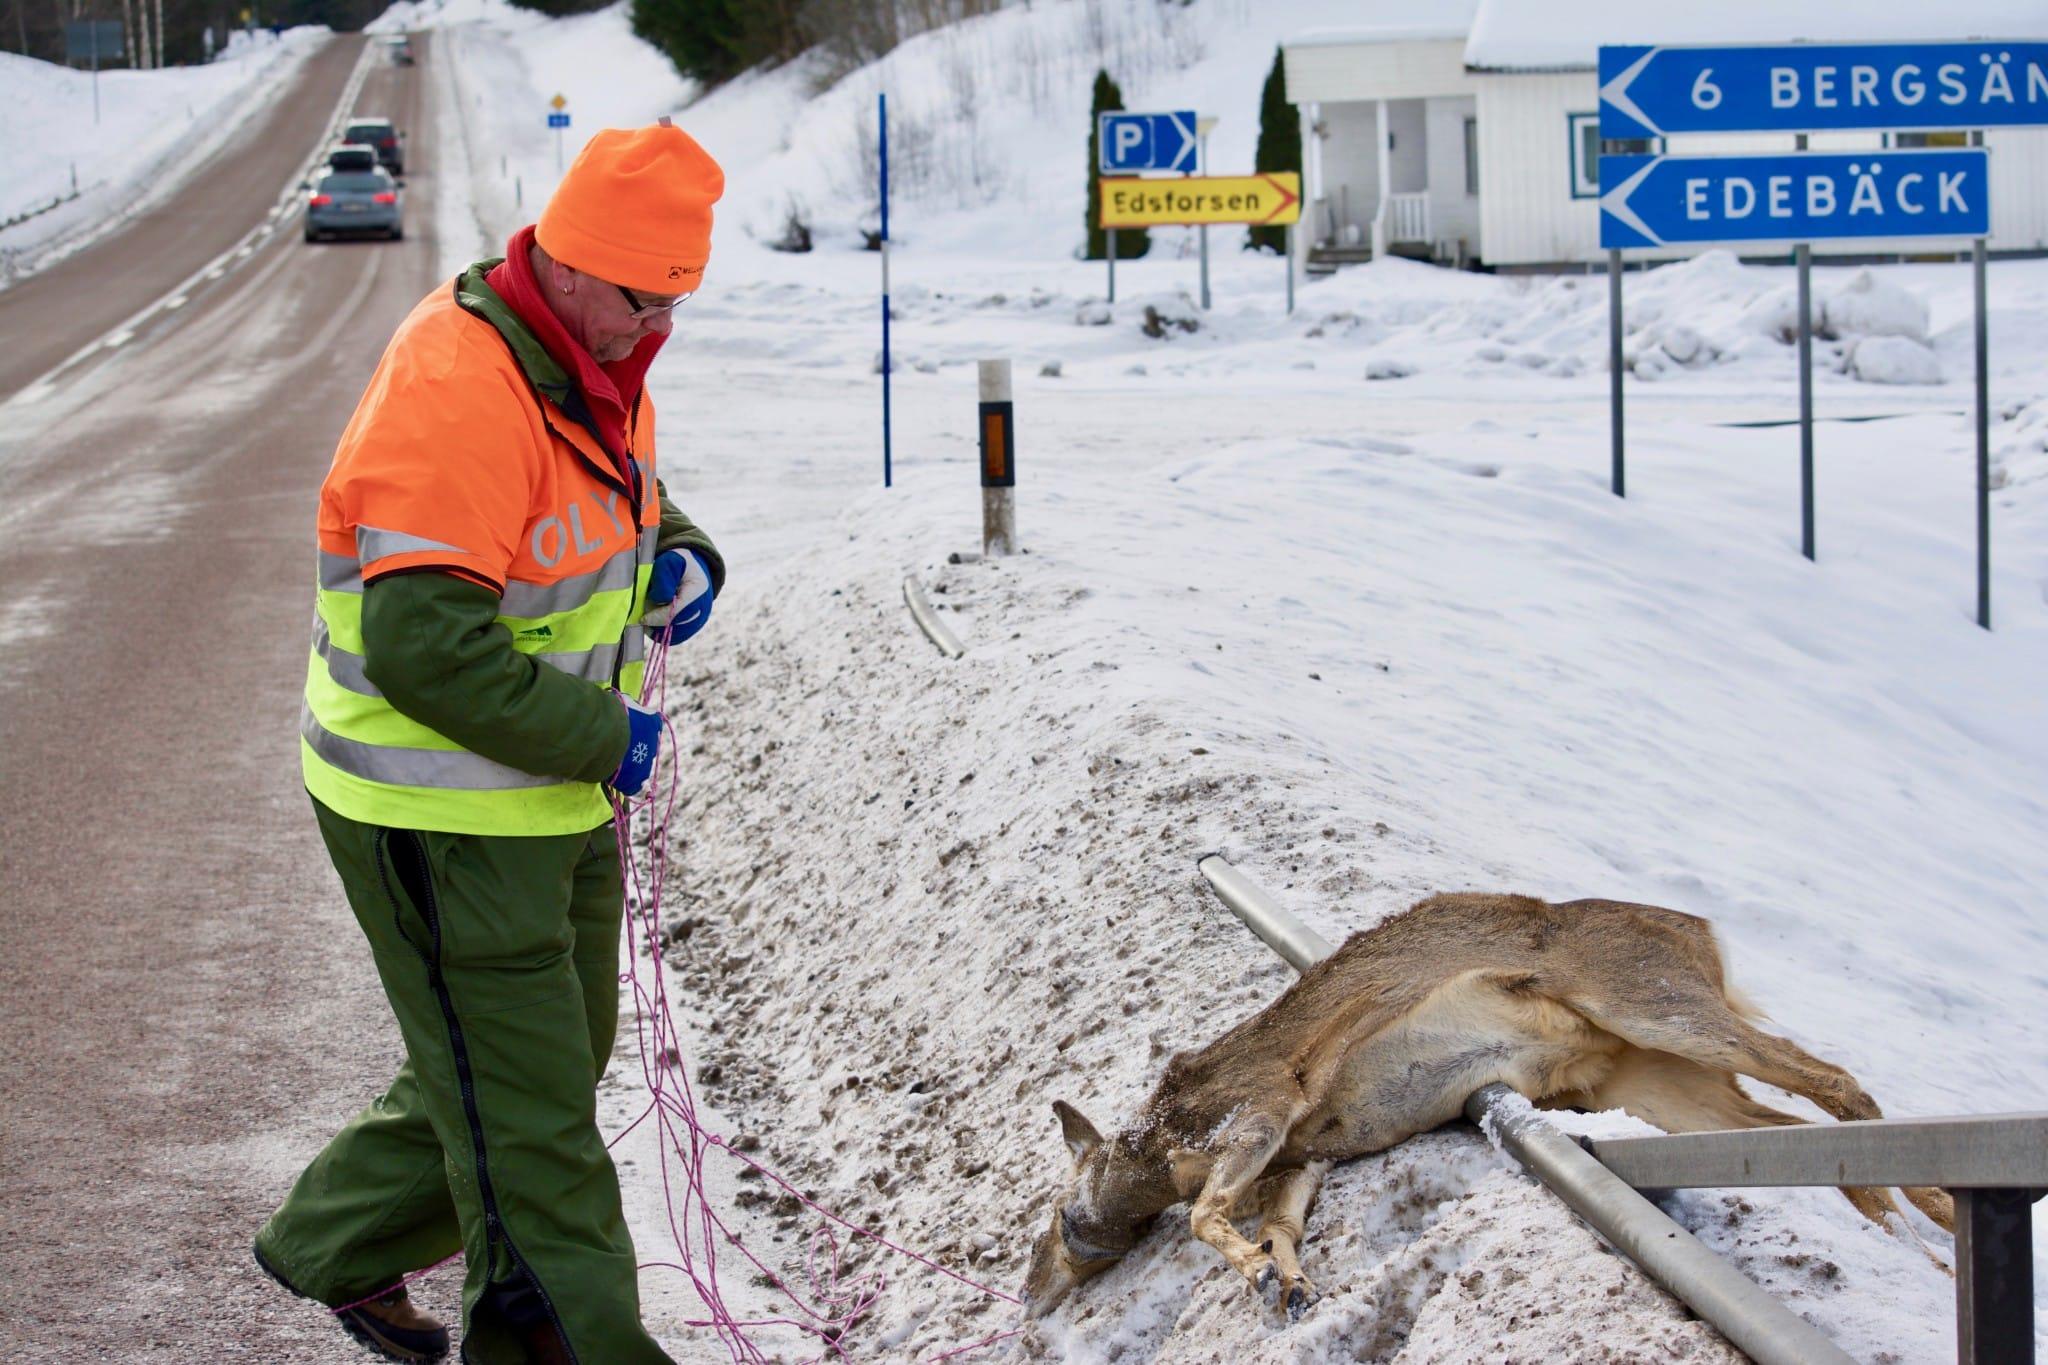 Polisen ändrar sig. Rådjuren som hoppade från bron i Edebäck var en viltolycka i trafik, och det innebär att ersättning och försäkring gäller för NVR:s eftersöksjägare Anders Holmkvist. Foto: Jonas Eriksson